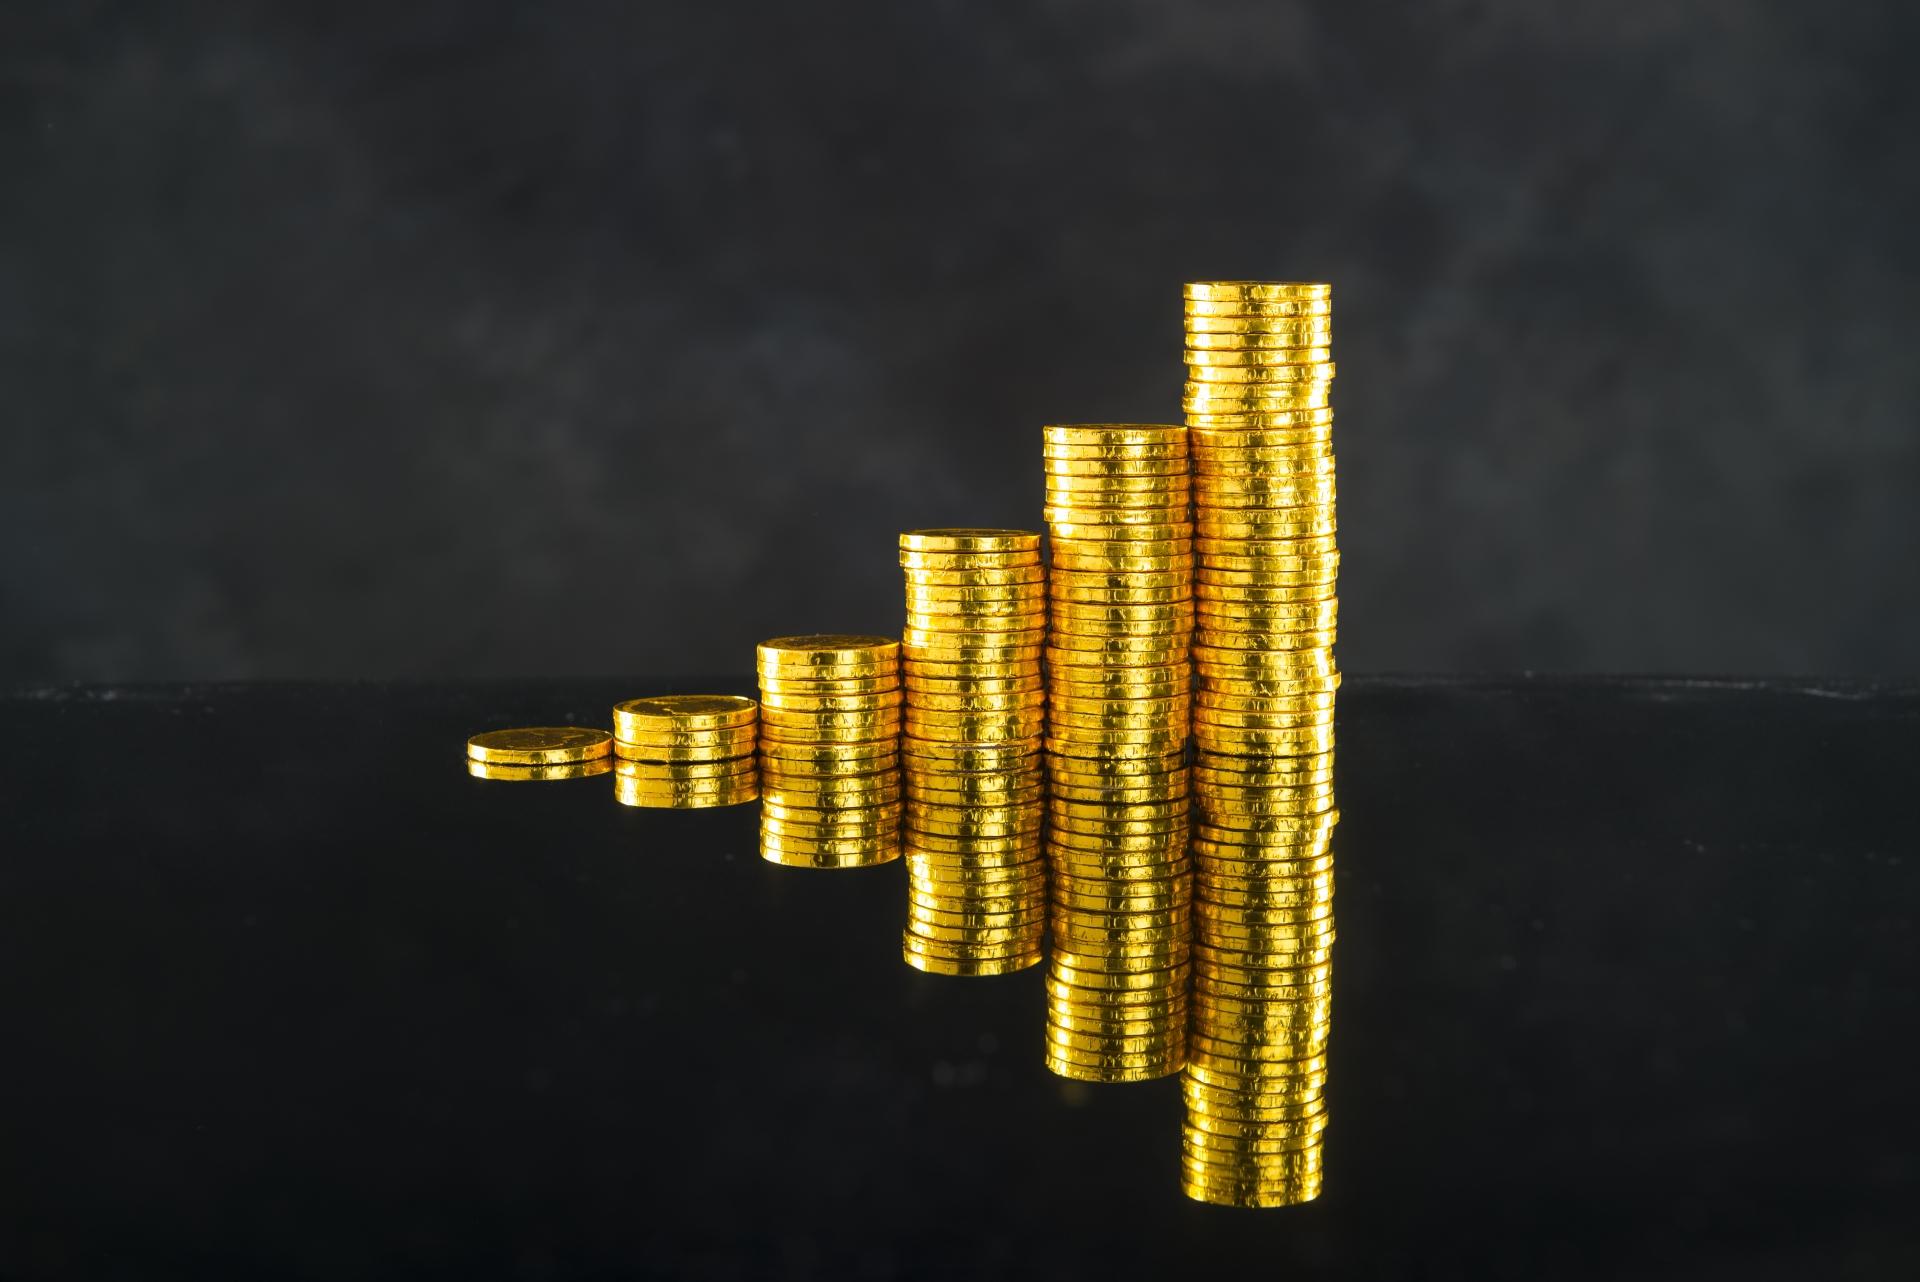 配当金で生活費のカバーがどのくらい出来ている?